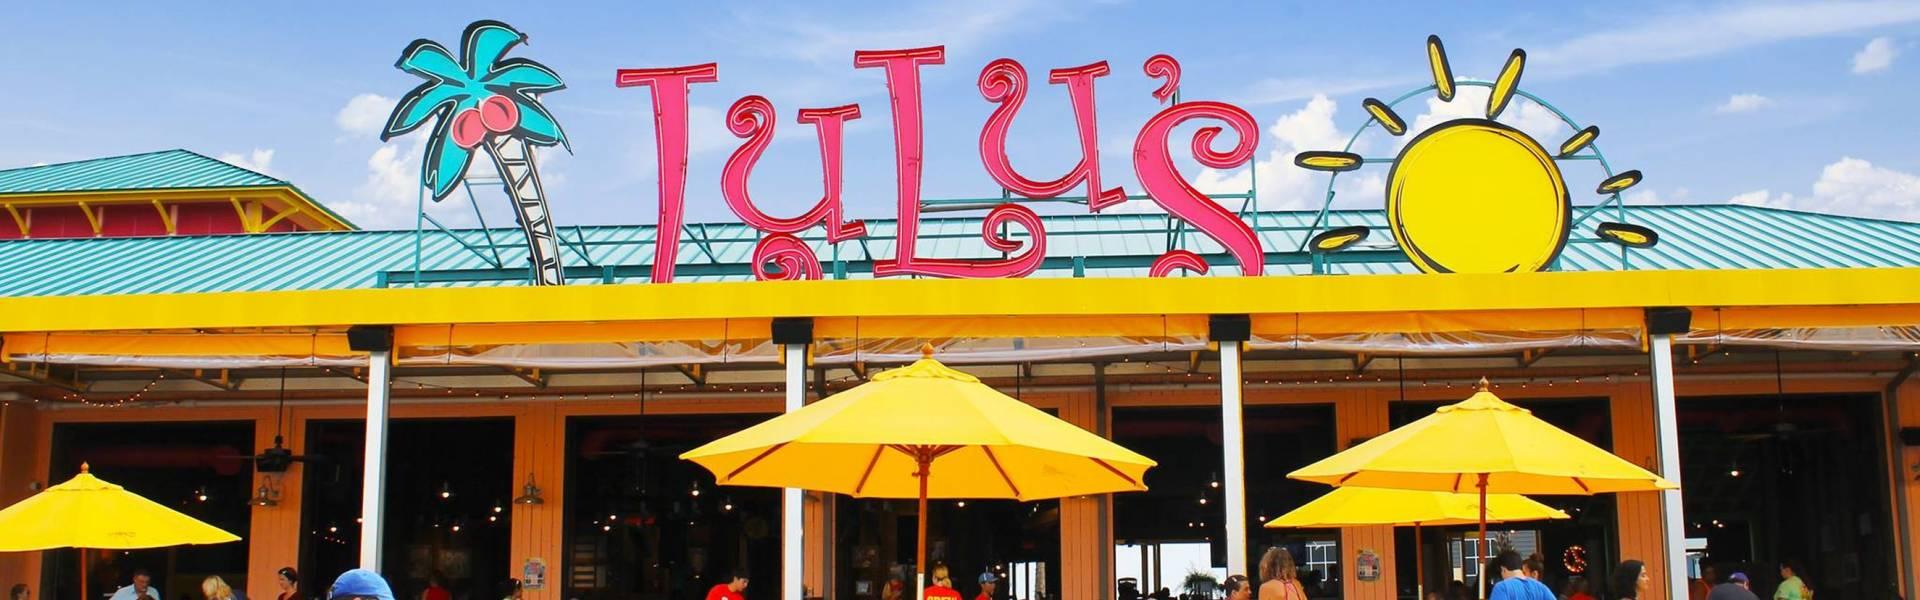 LuLu's Destin